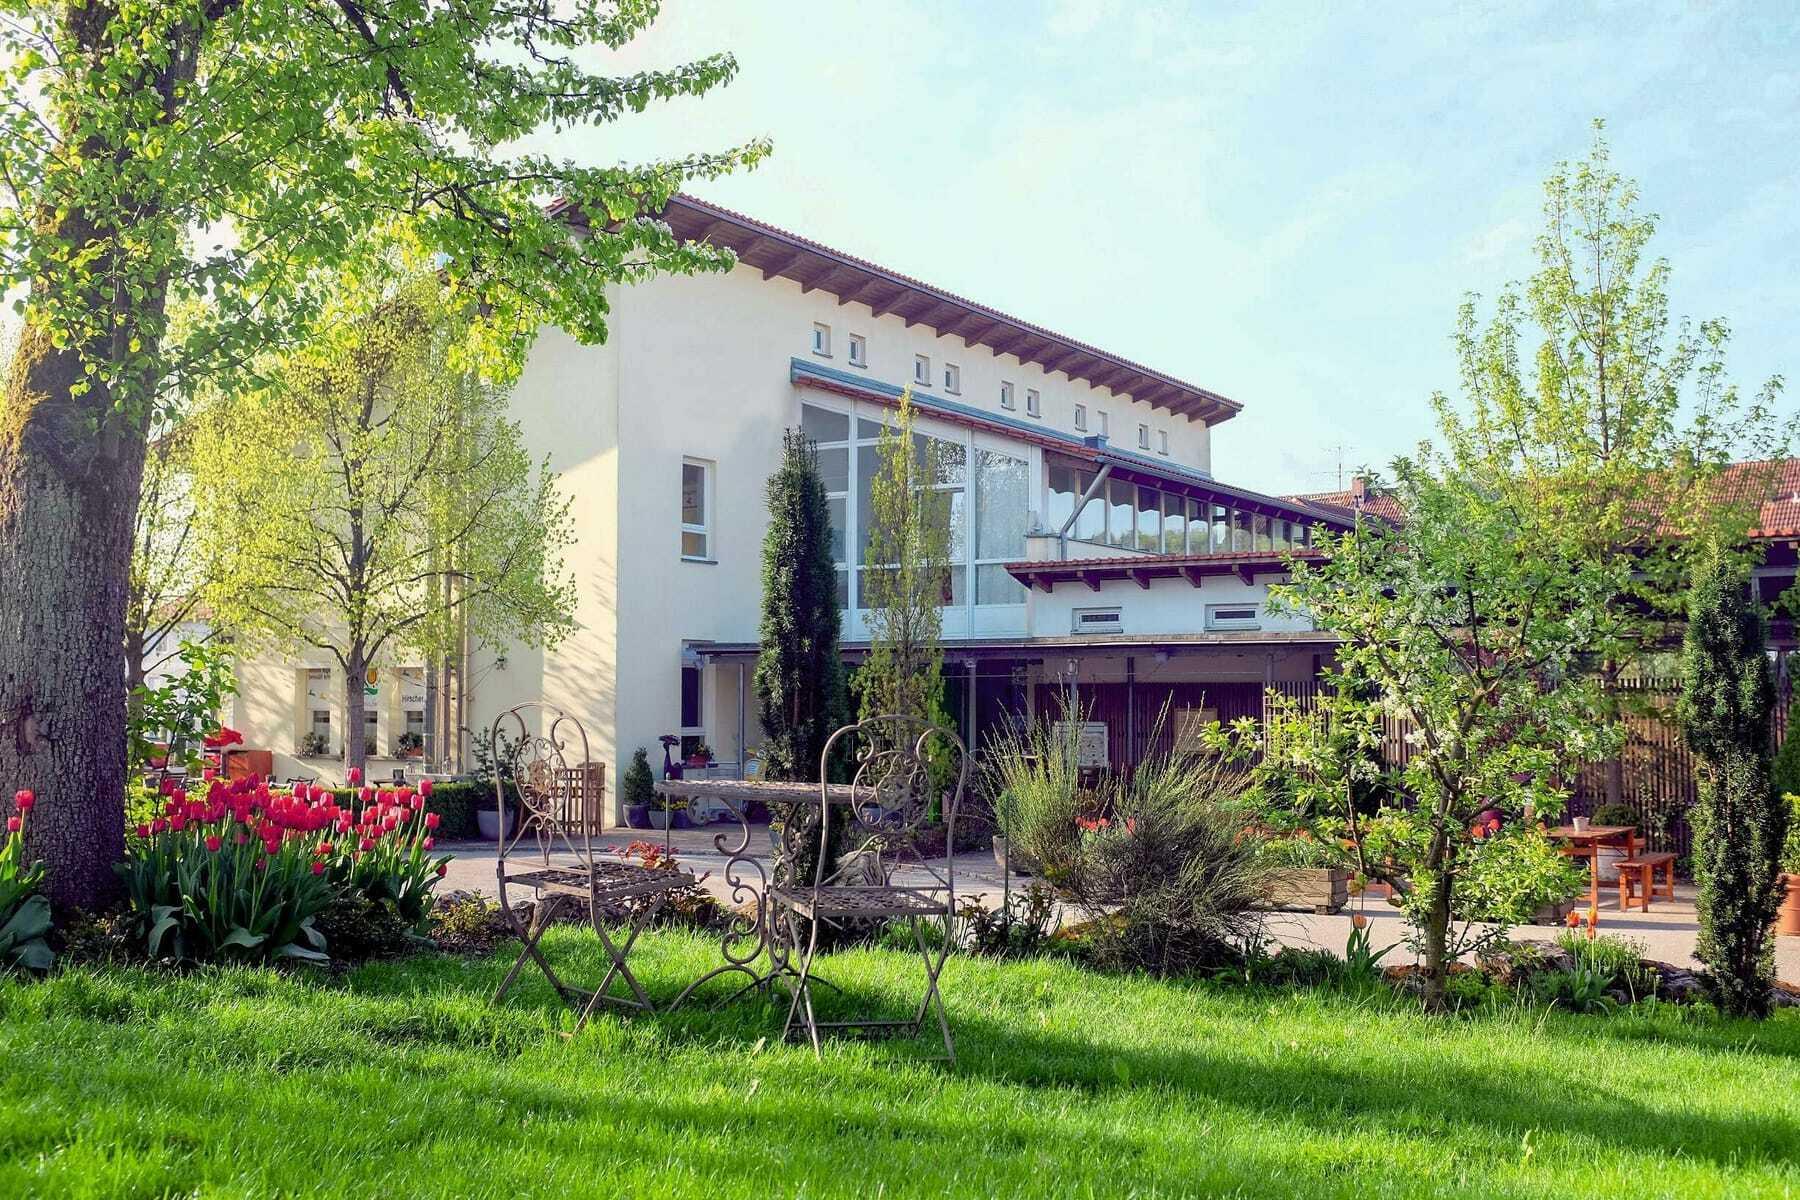 Hirschen Hotel Parsberg